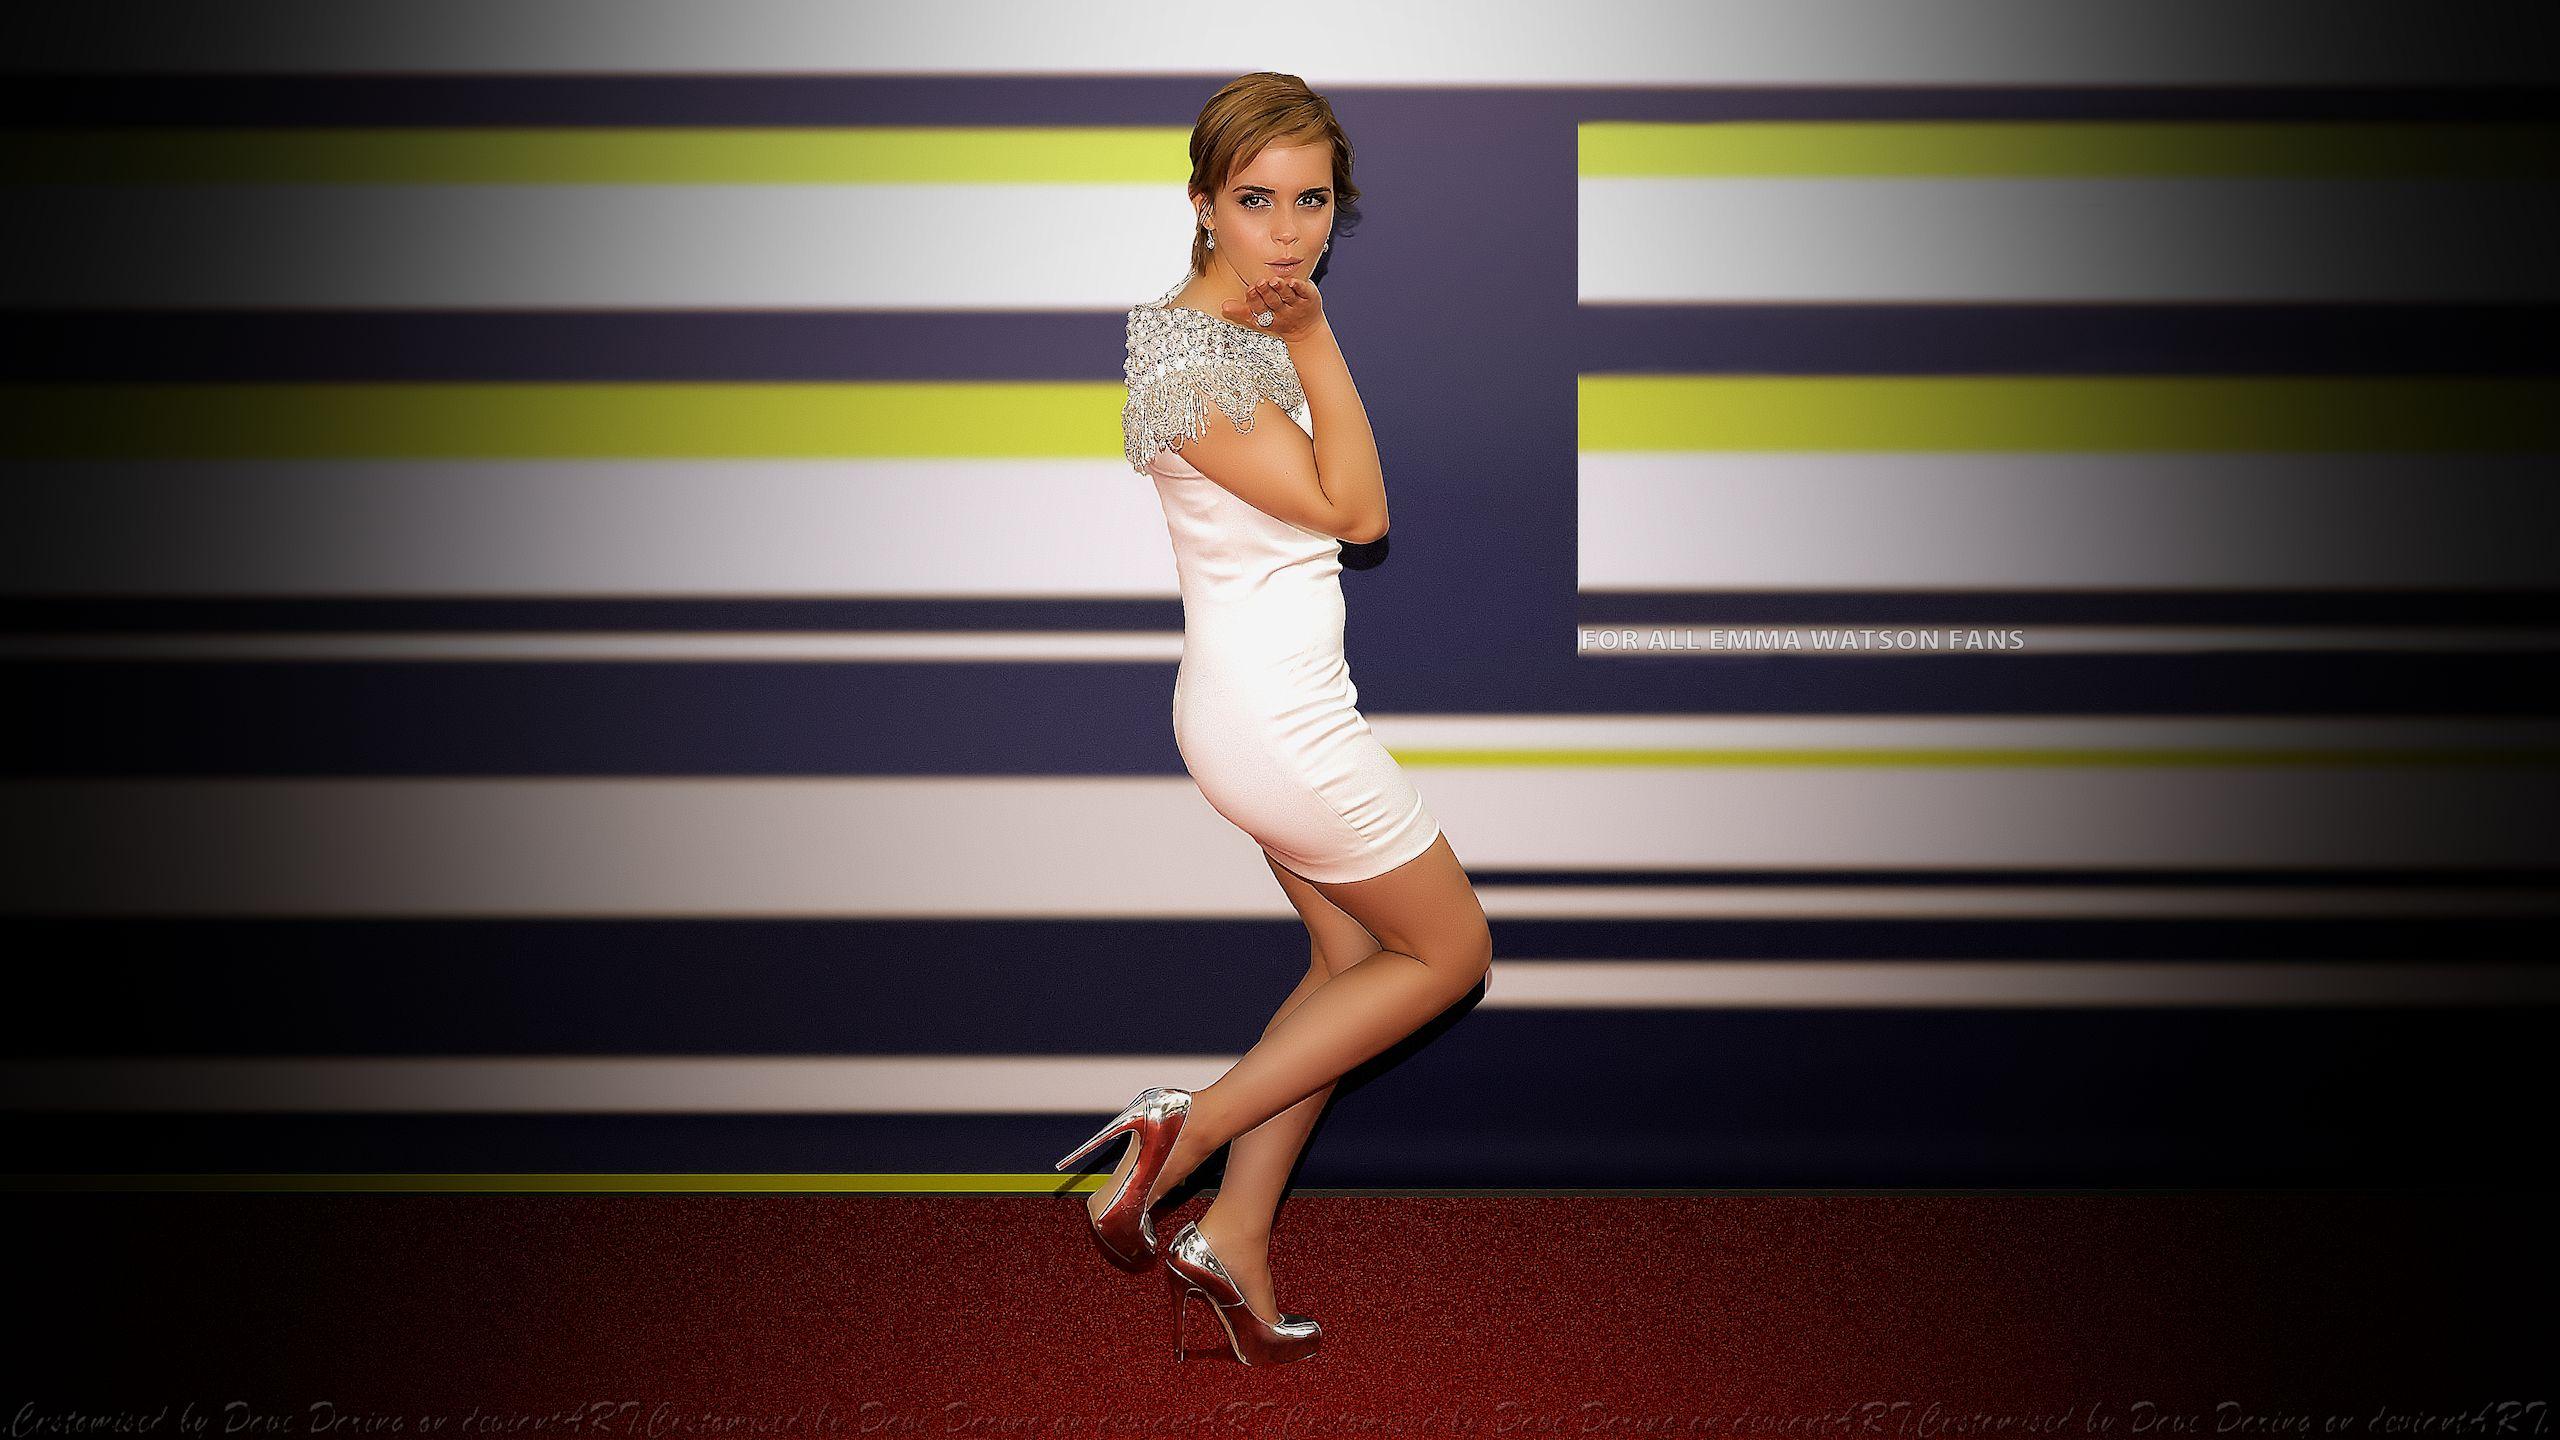 Emma-Watson-10-wallpapers--10.jpg